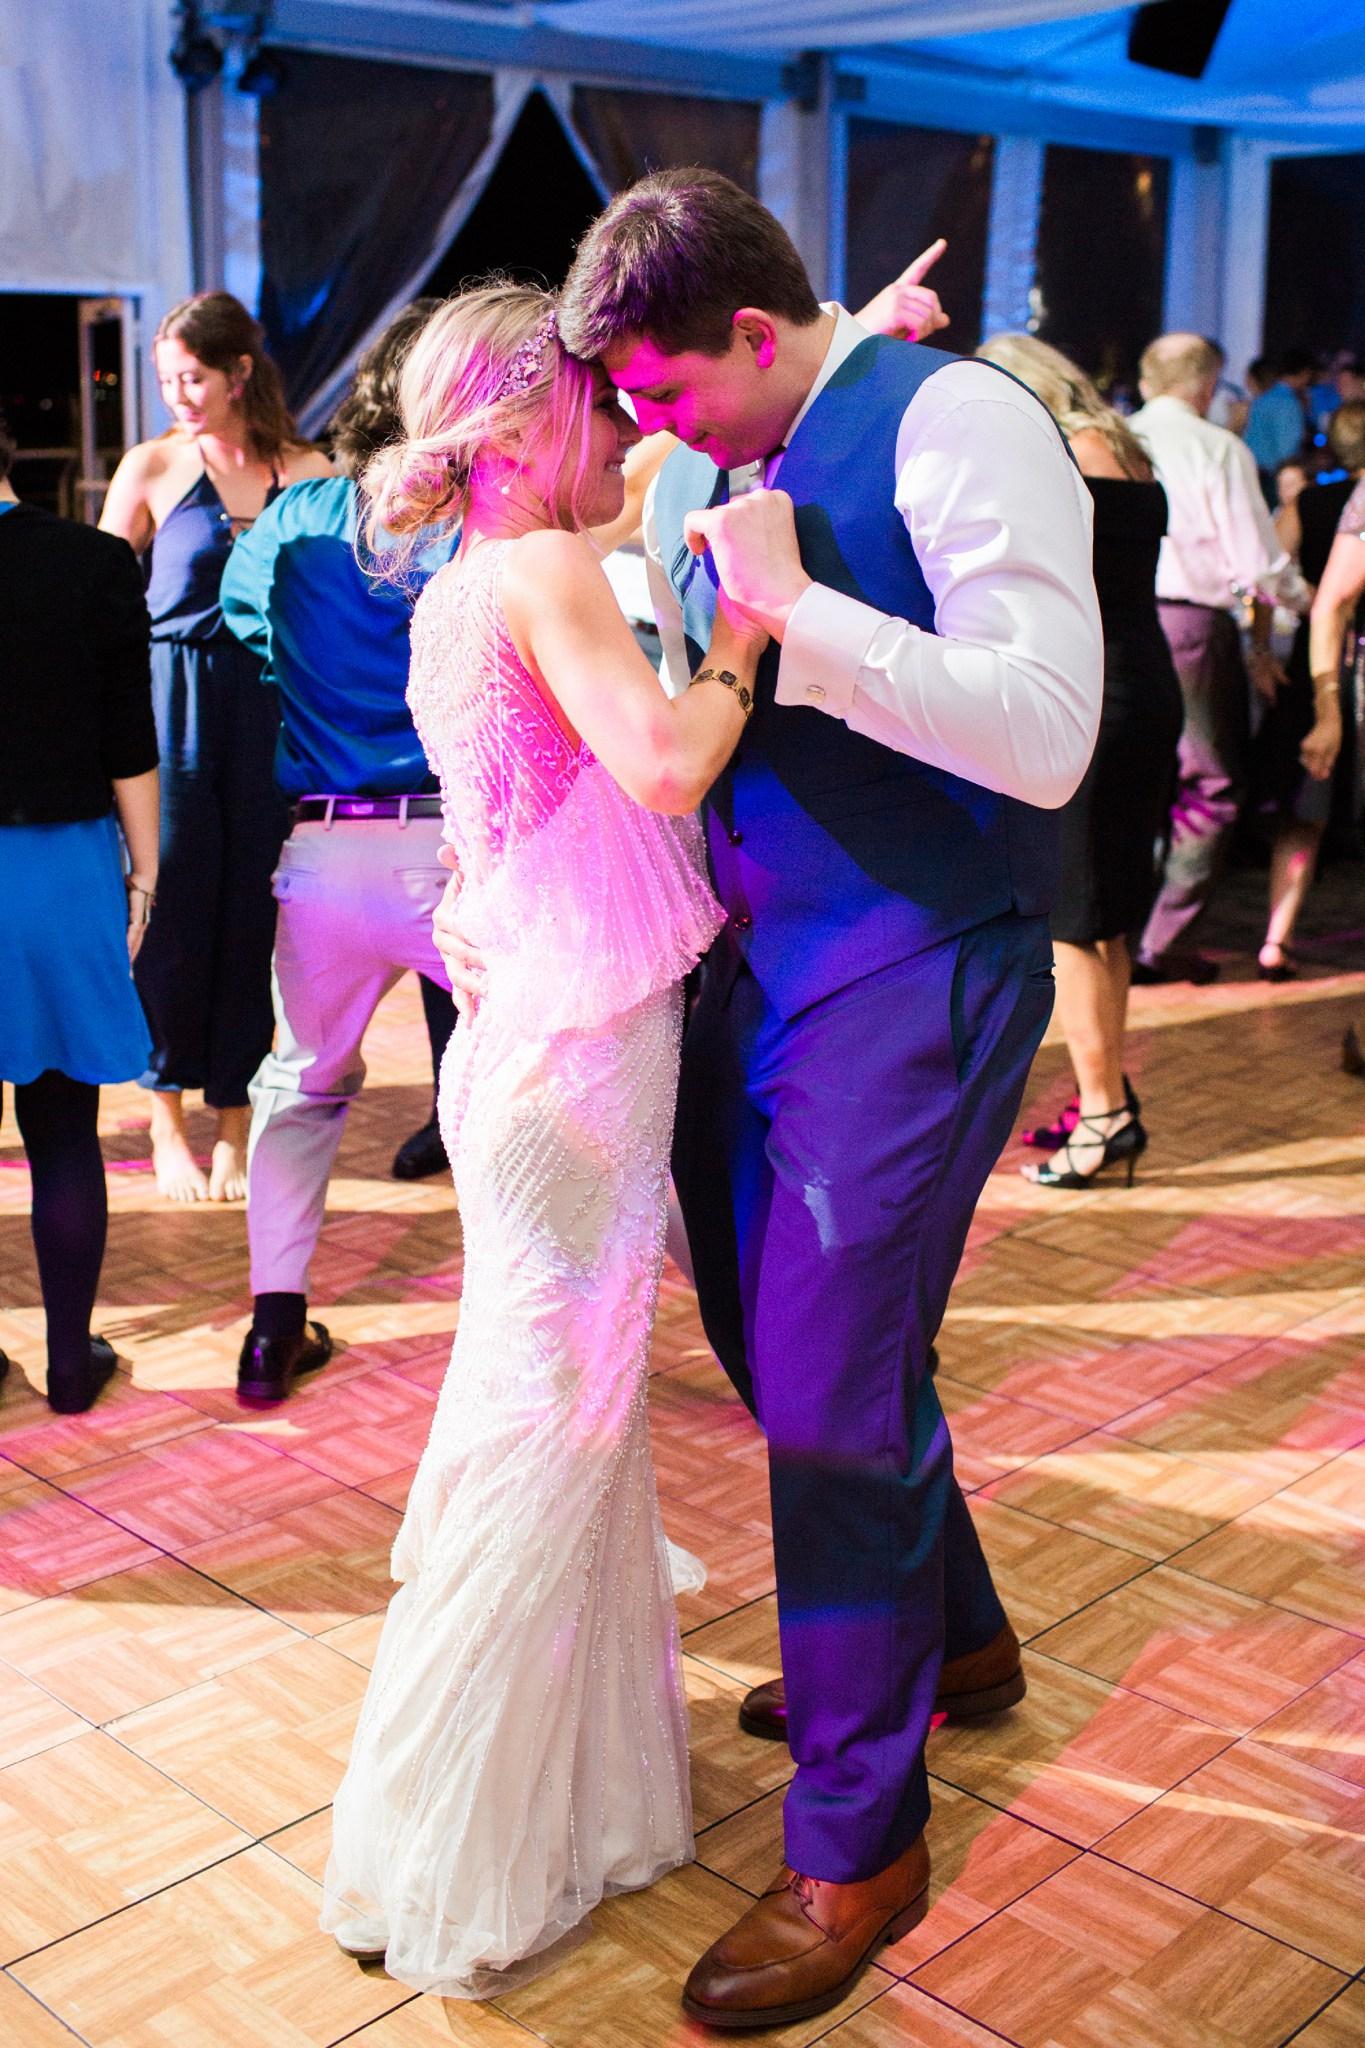 boston_wedding_deborah_zoe_photography_00043.JPG